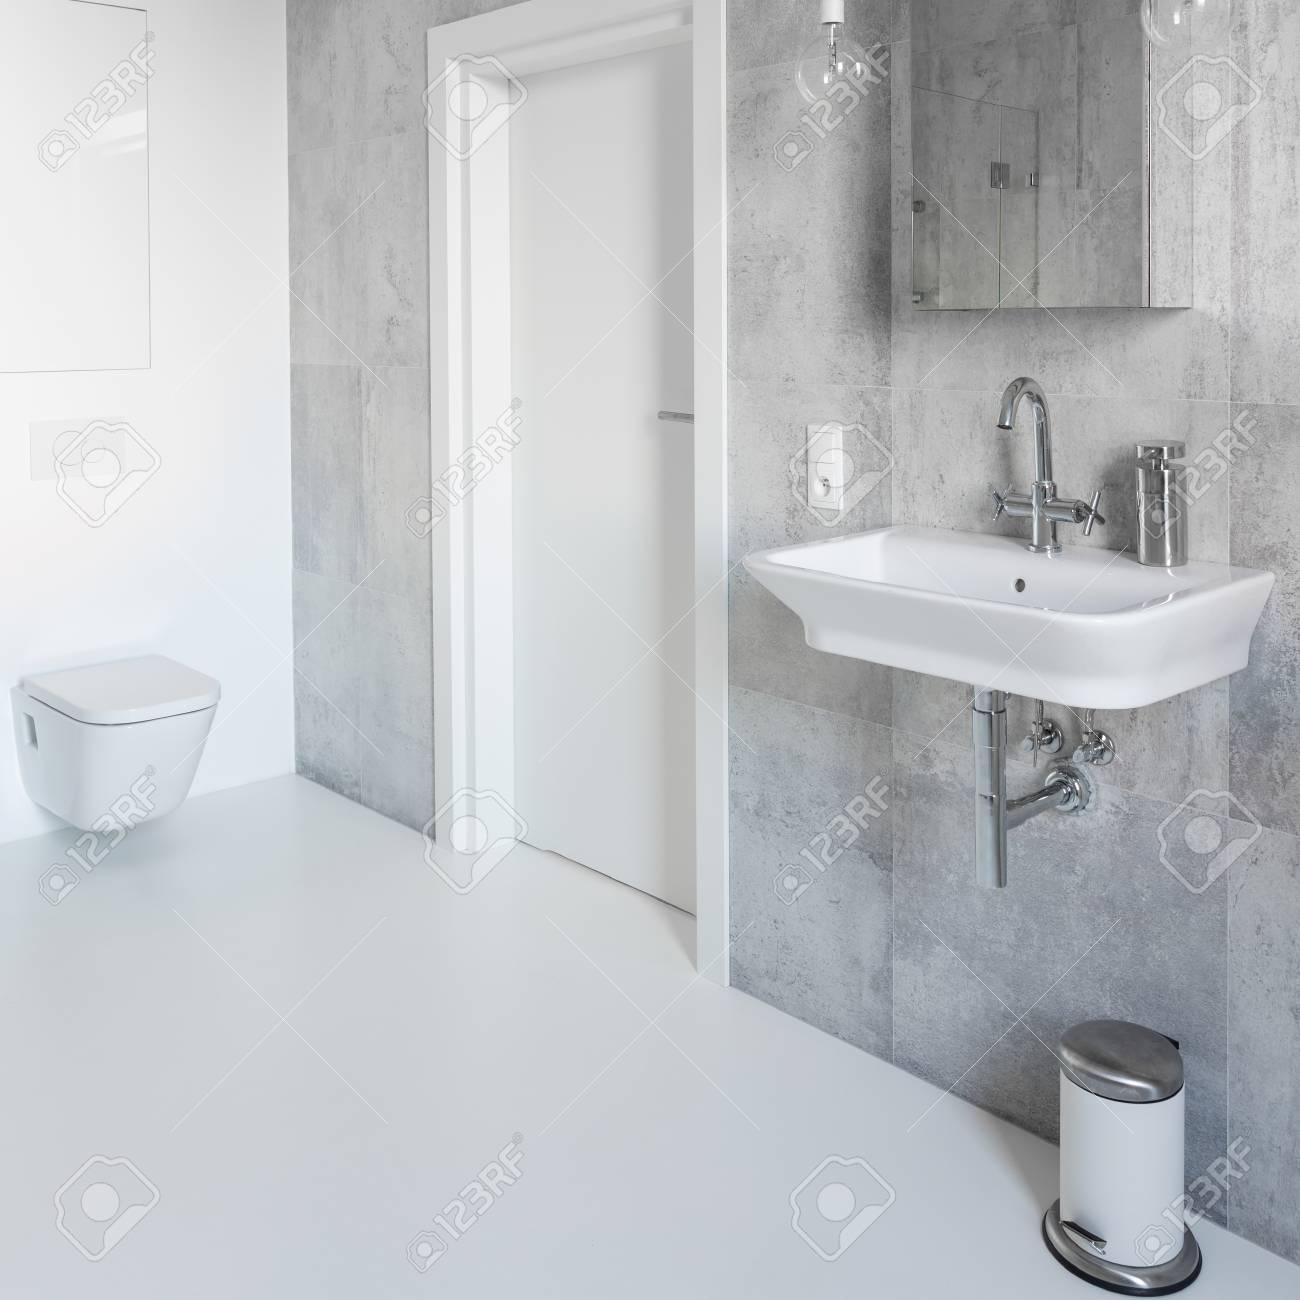 Spazioso Bagno Grigio E Bianco Con Arredamento Moderno Foto Royalty ...